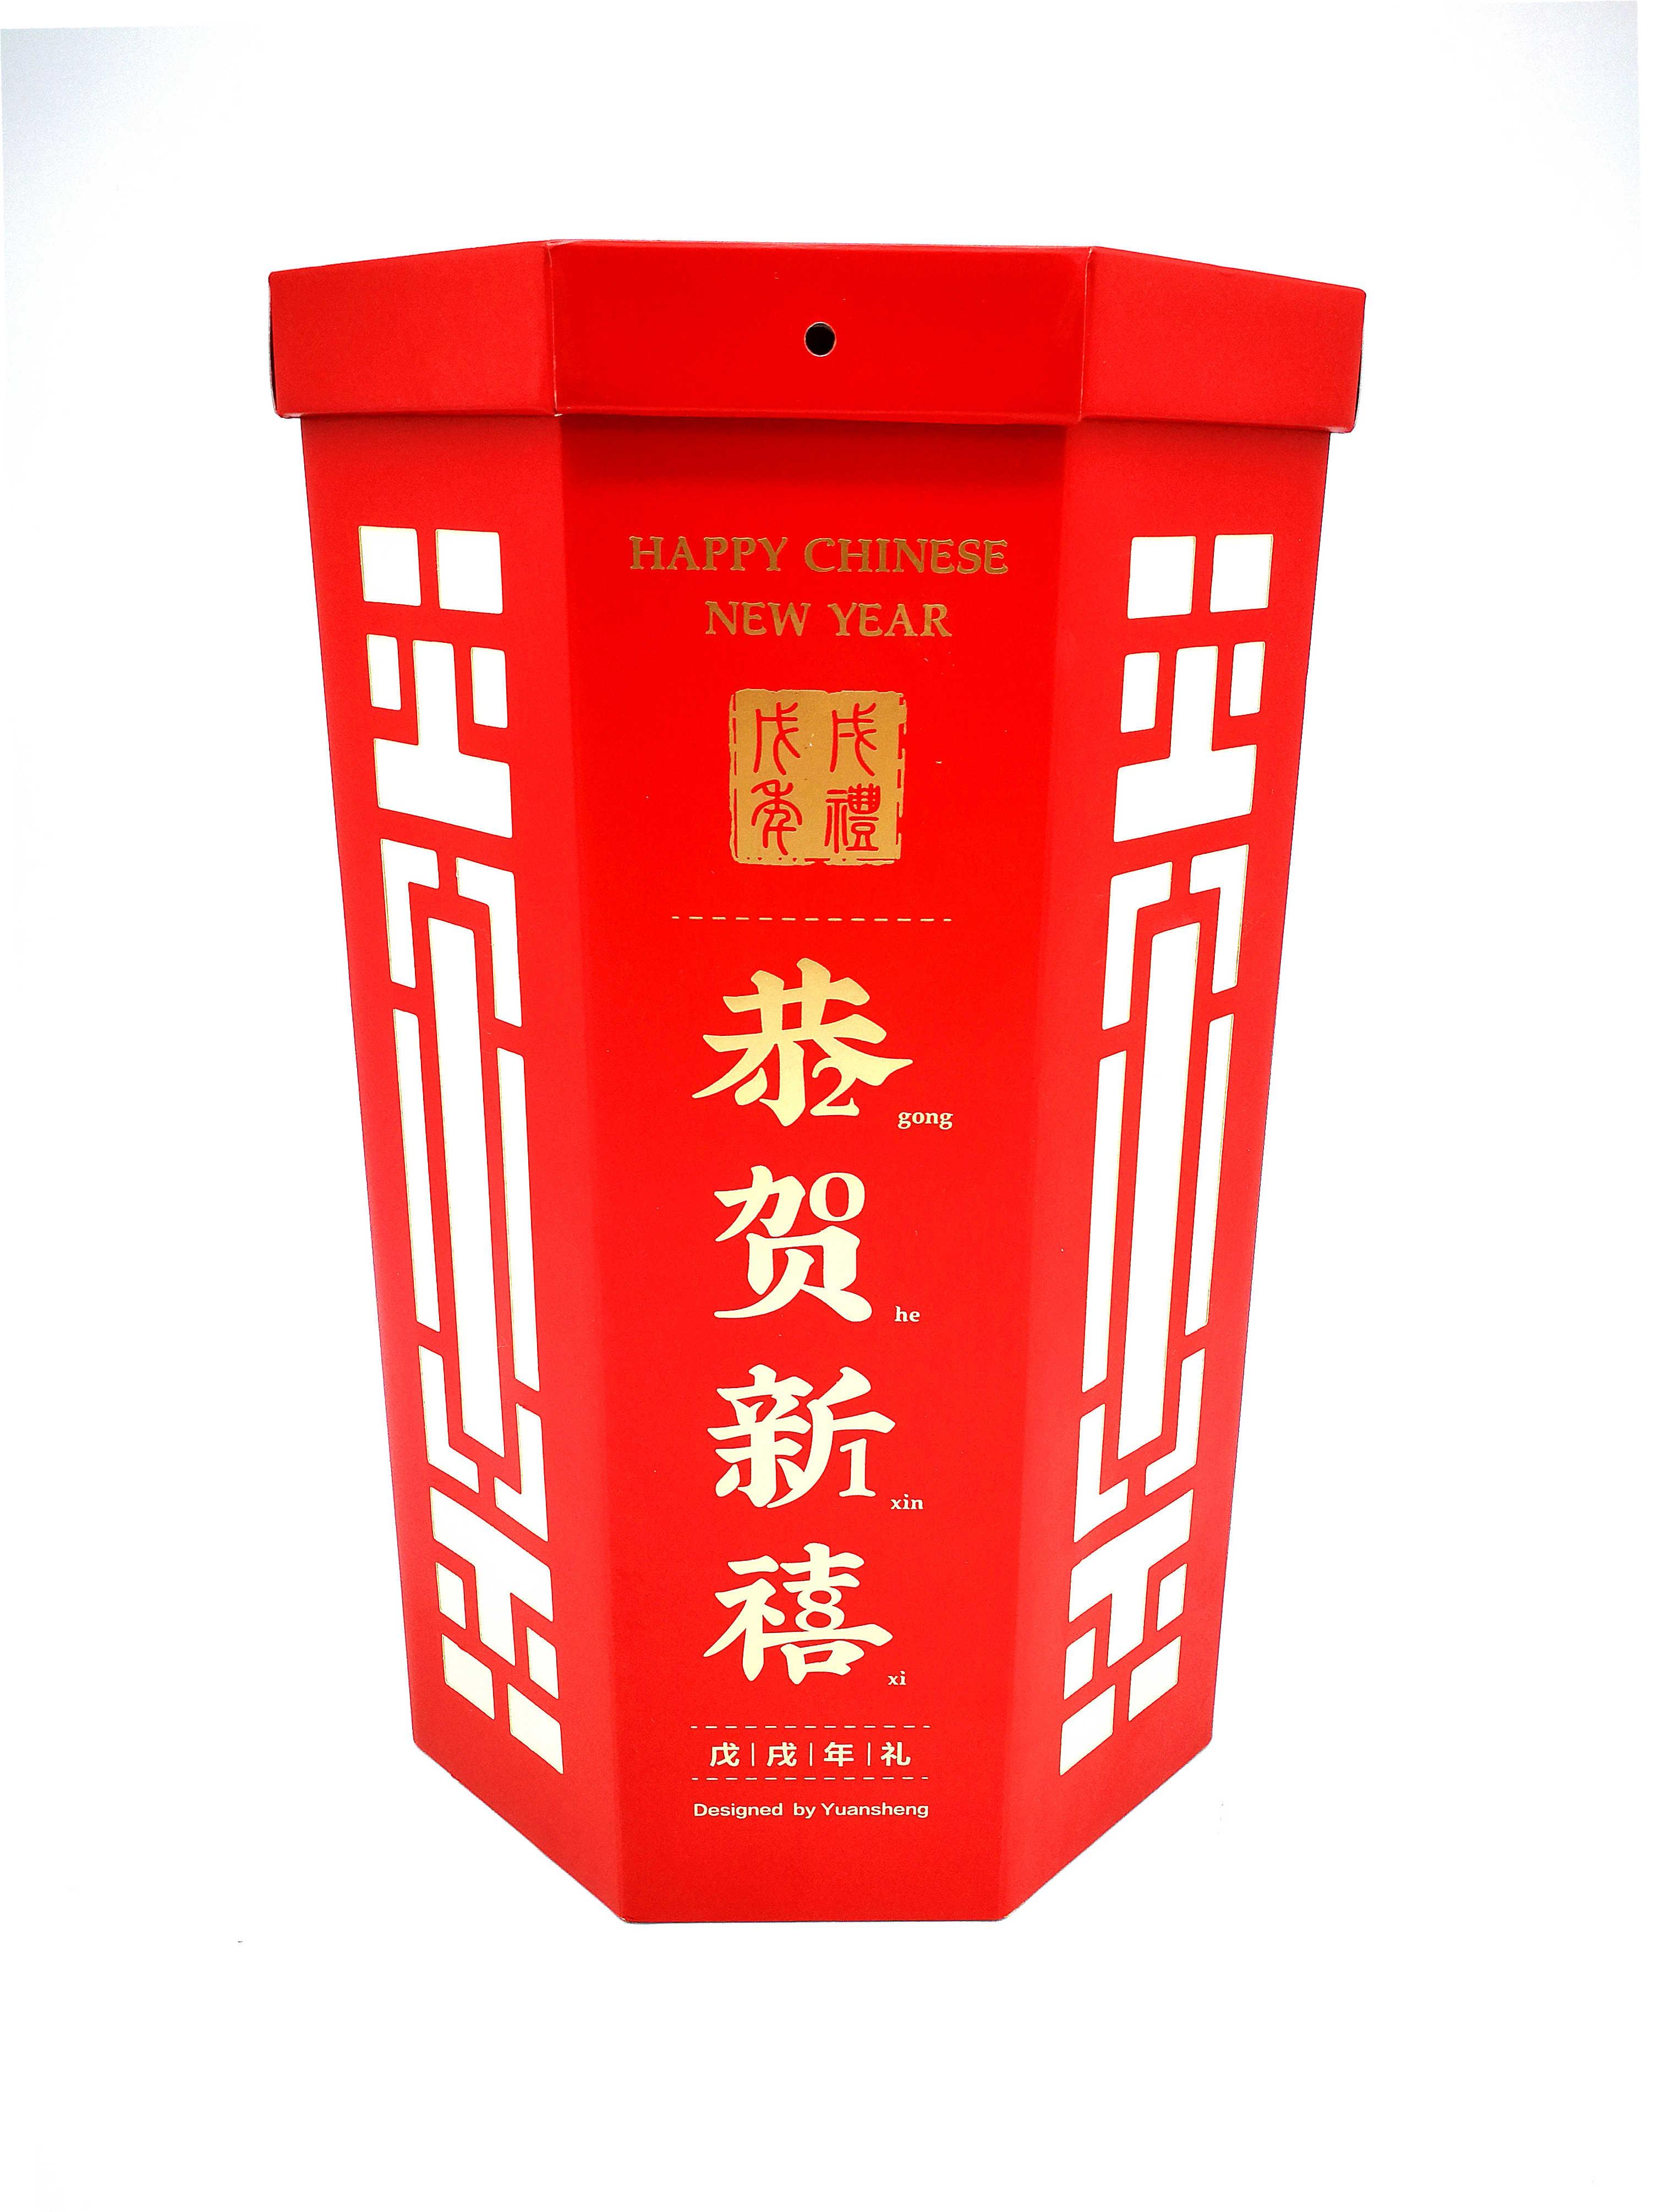 高端感包裝盒